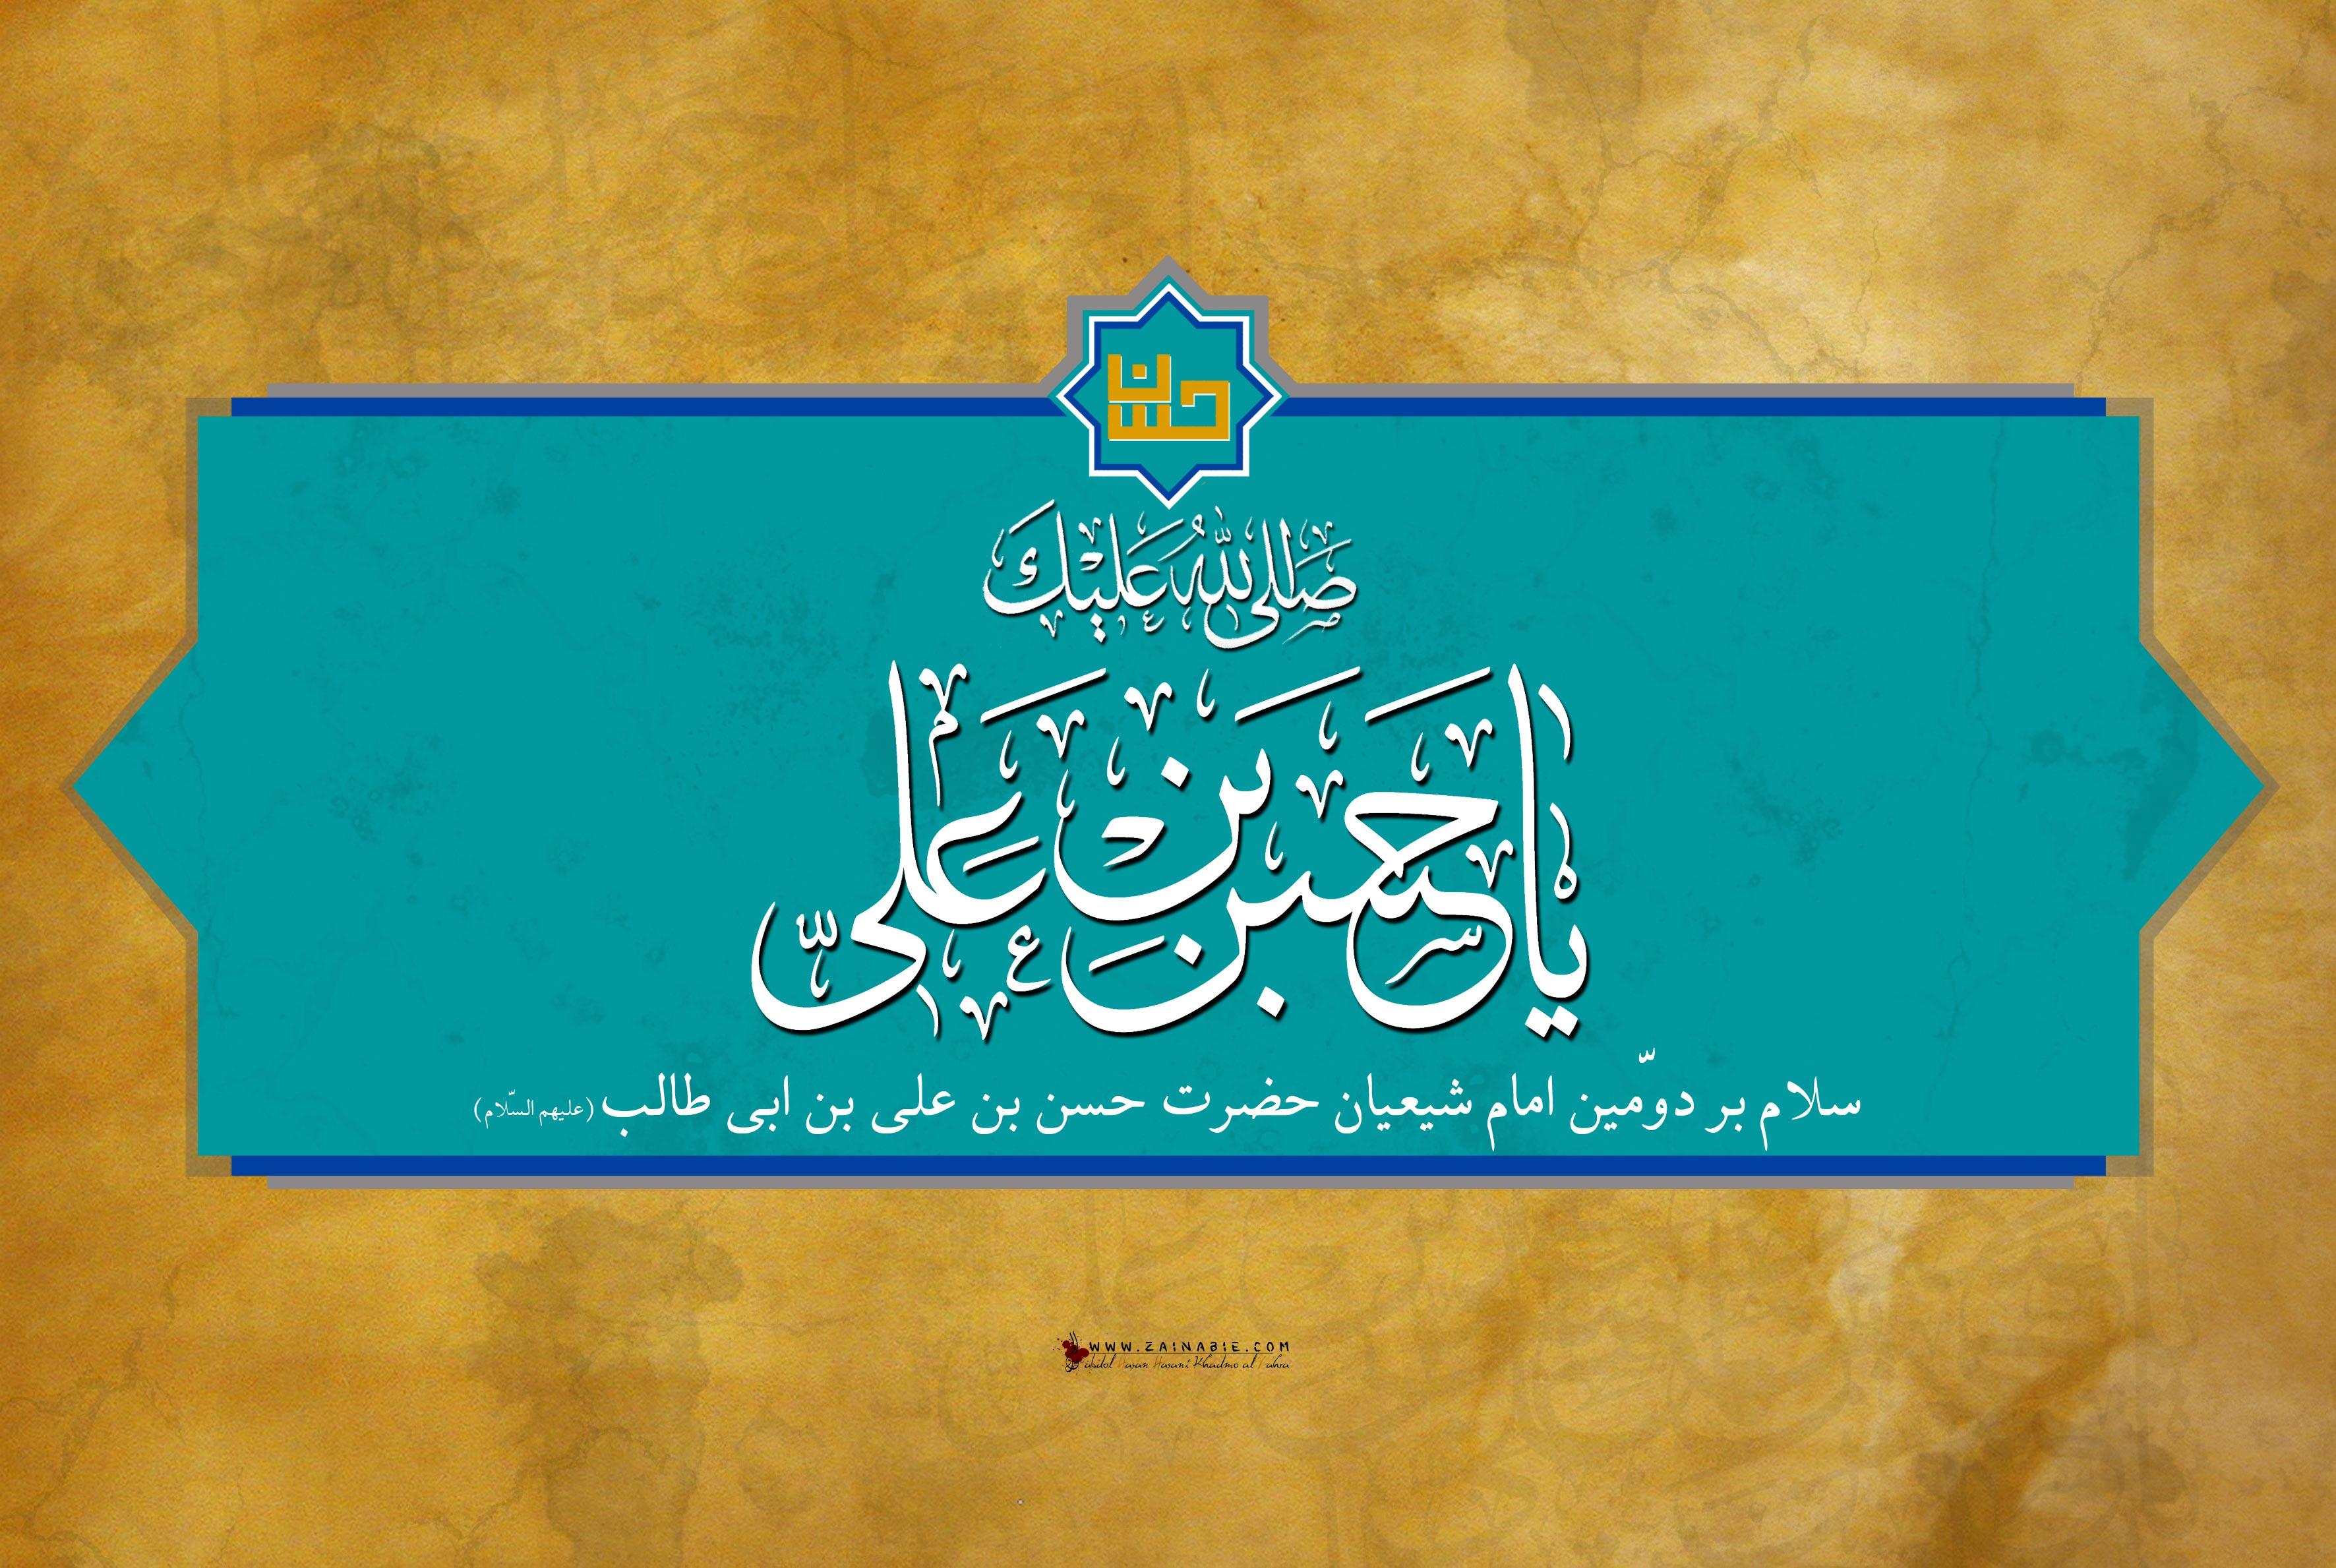 صلح امام حسن(ع) از منظر مقام معظم رهبری